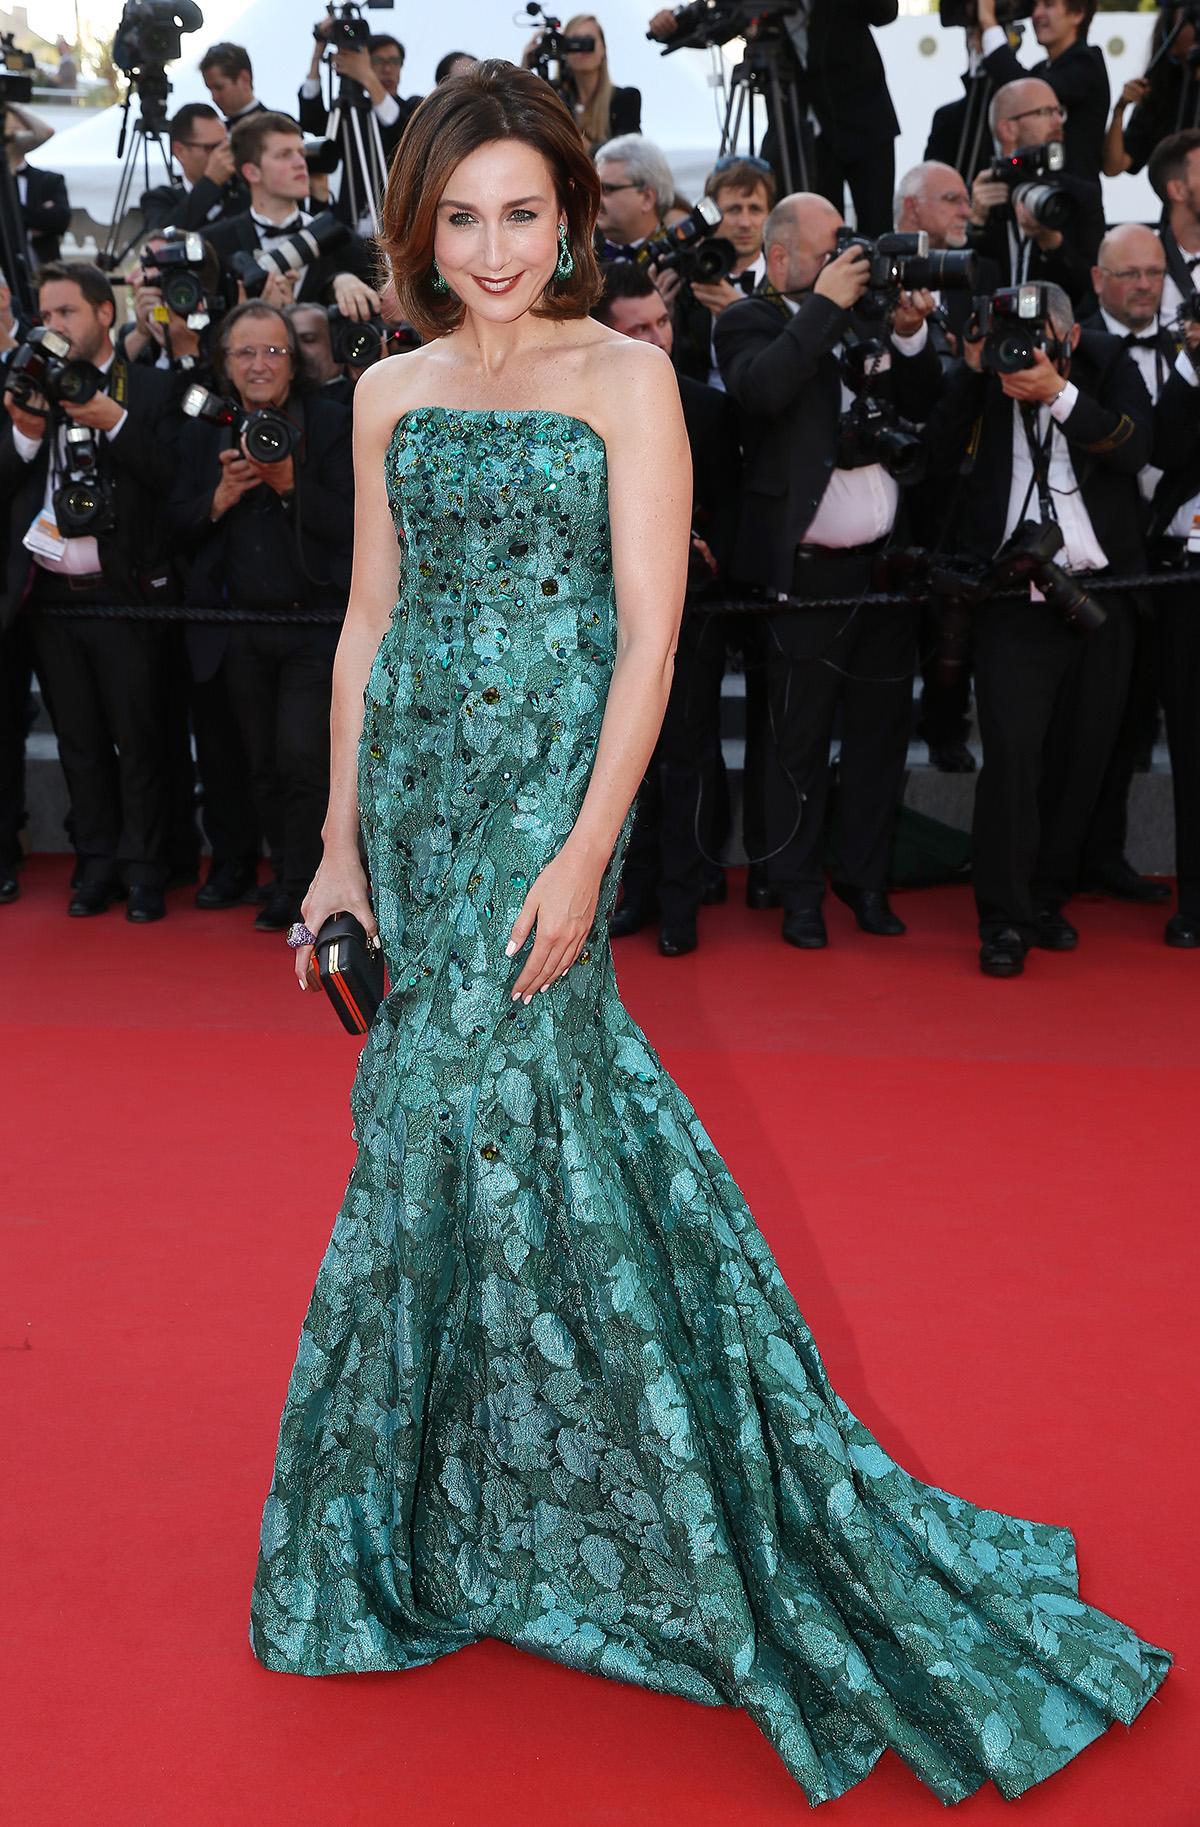 Die fanzösische Schauspielerin Elsa Zylberstein trägt de Grisogono, einen grünen Tourmaline Ring und Smaragd Ohrringe